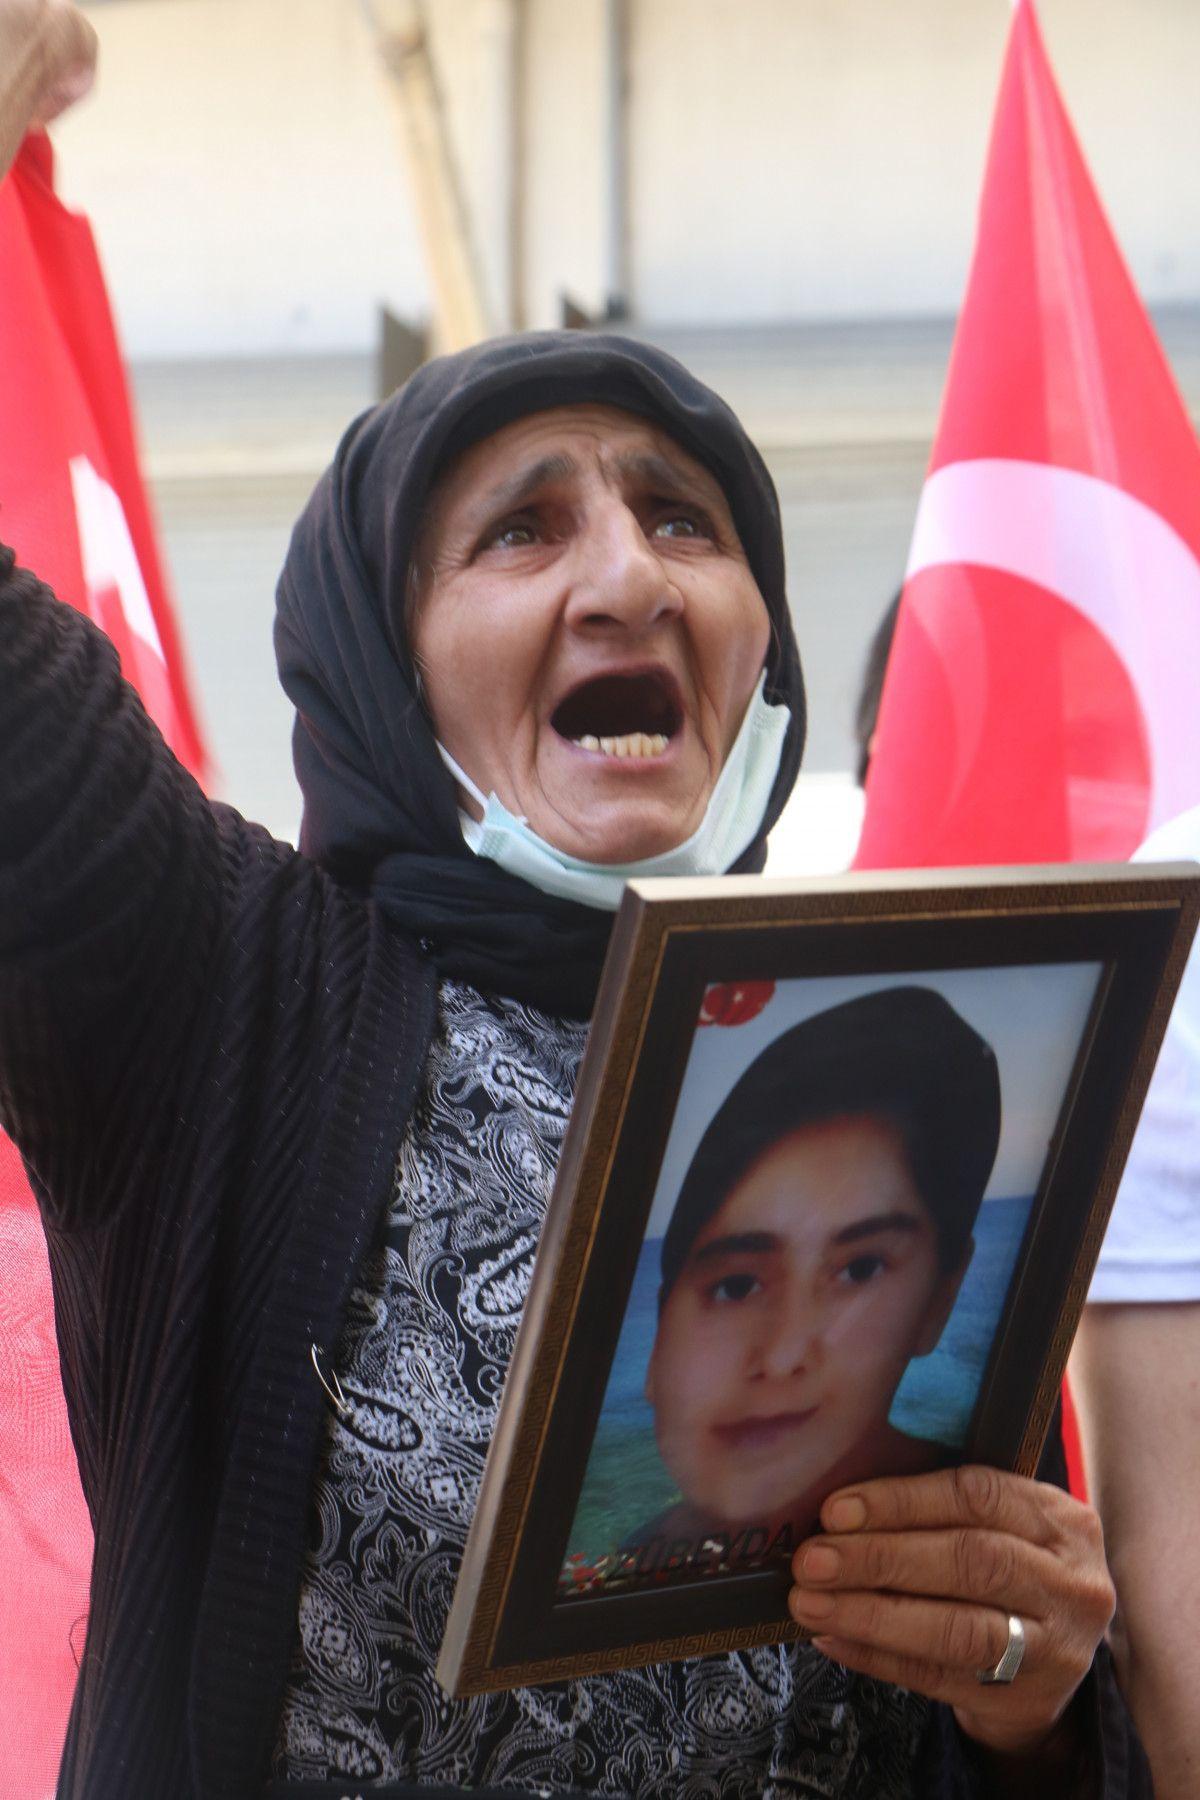 Hakkari de HDP yi protesto eden baba, kızının polis olmak istediğini söyledi #4